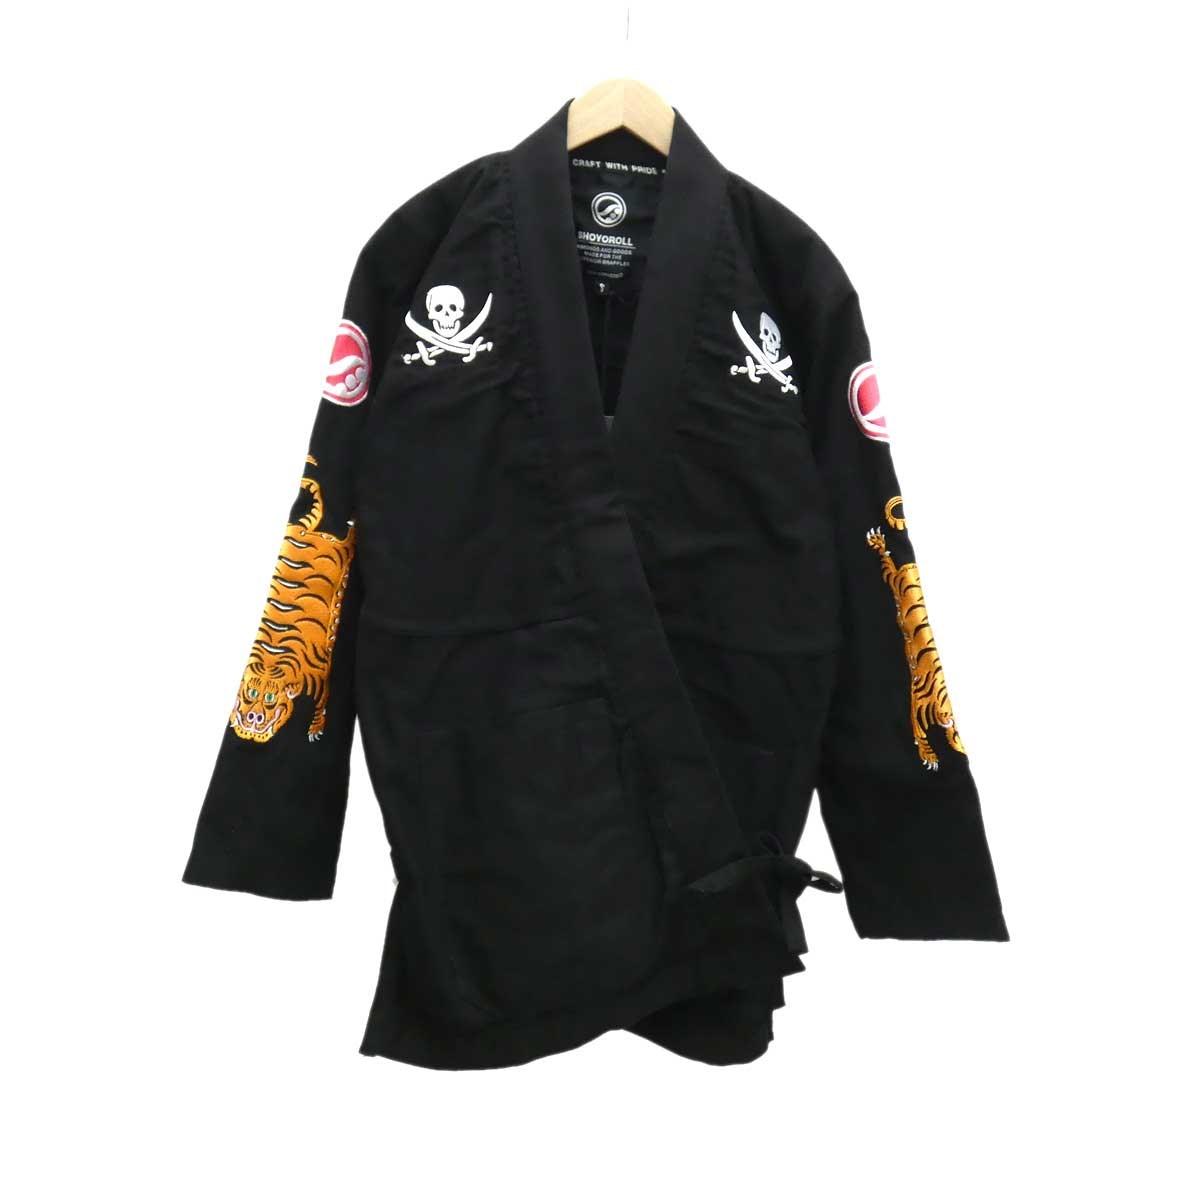 【中古】NEIGHBOR HOODドウギジャケット 2019SS ブラック サイズ:S 【4月16日見直し】